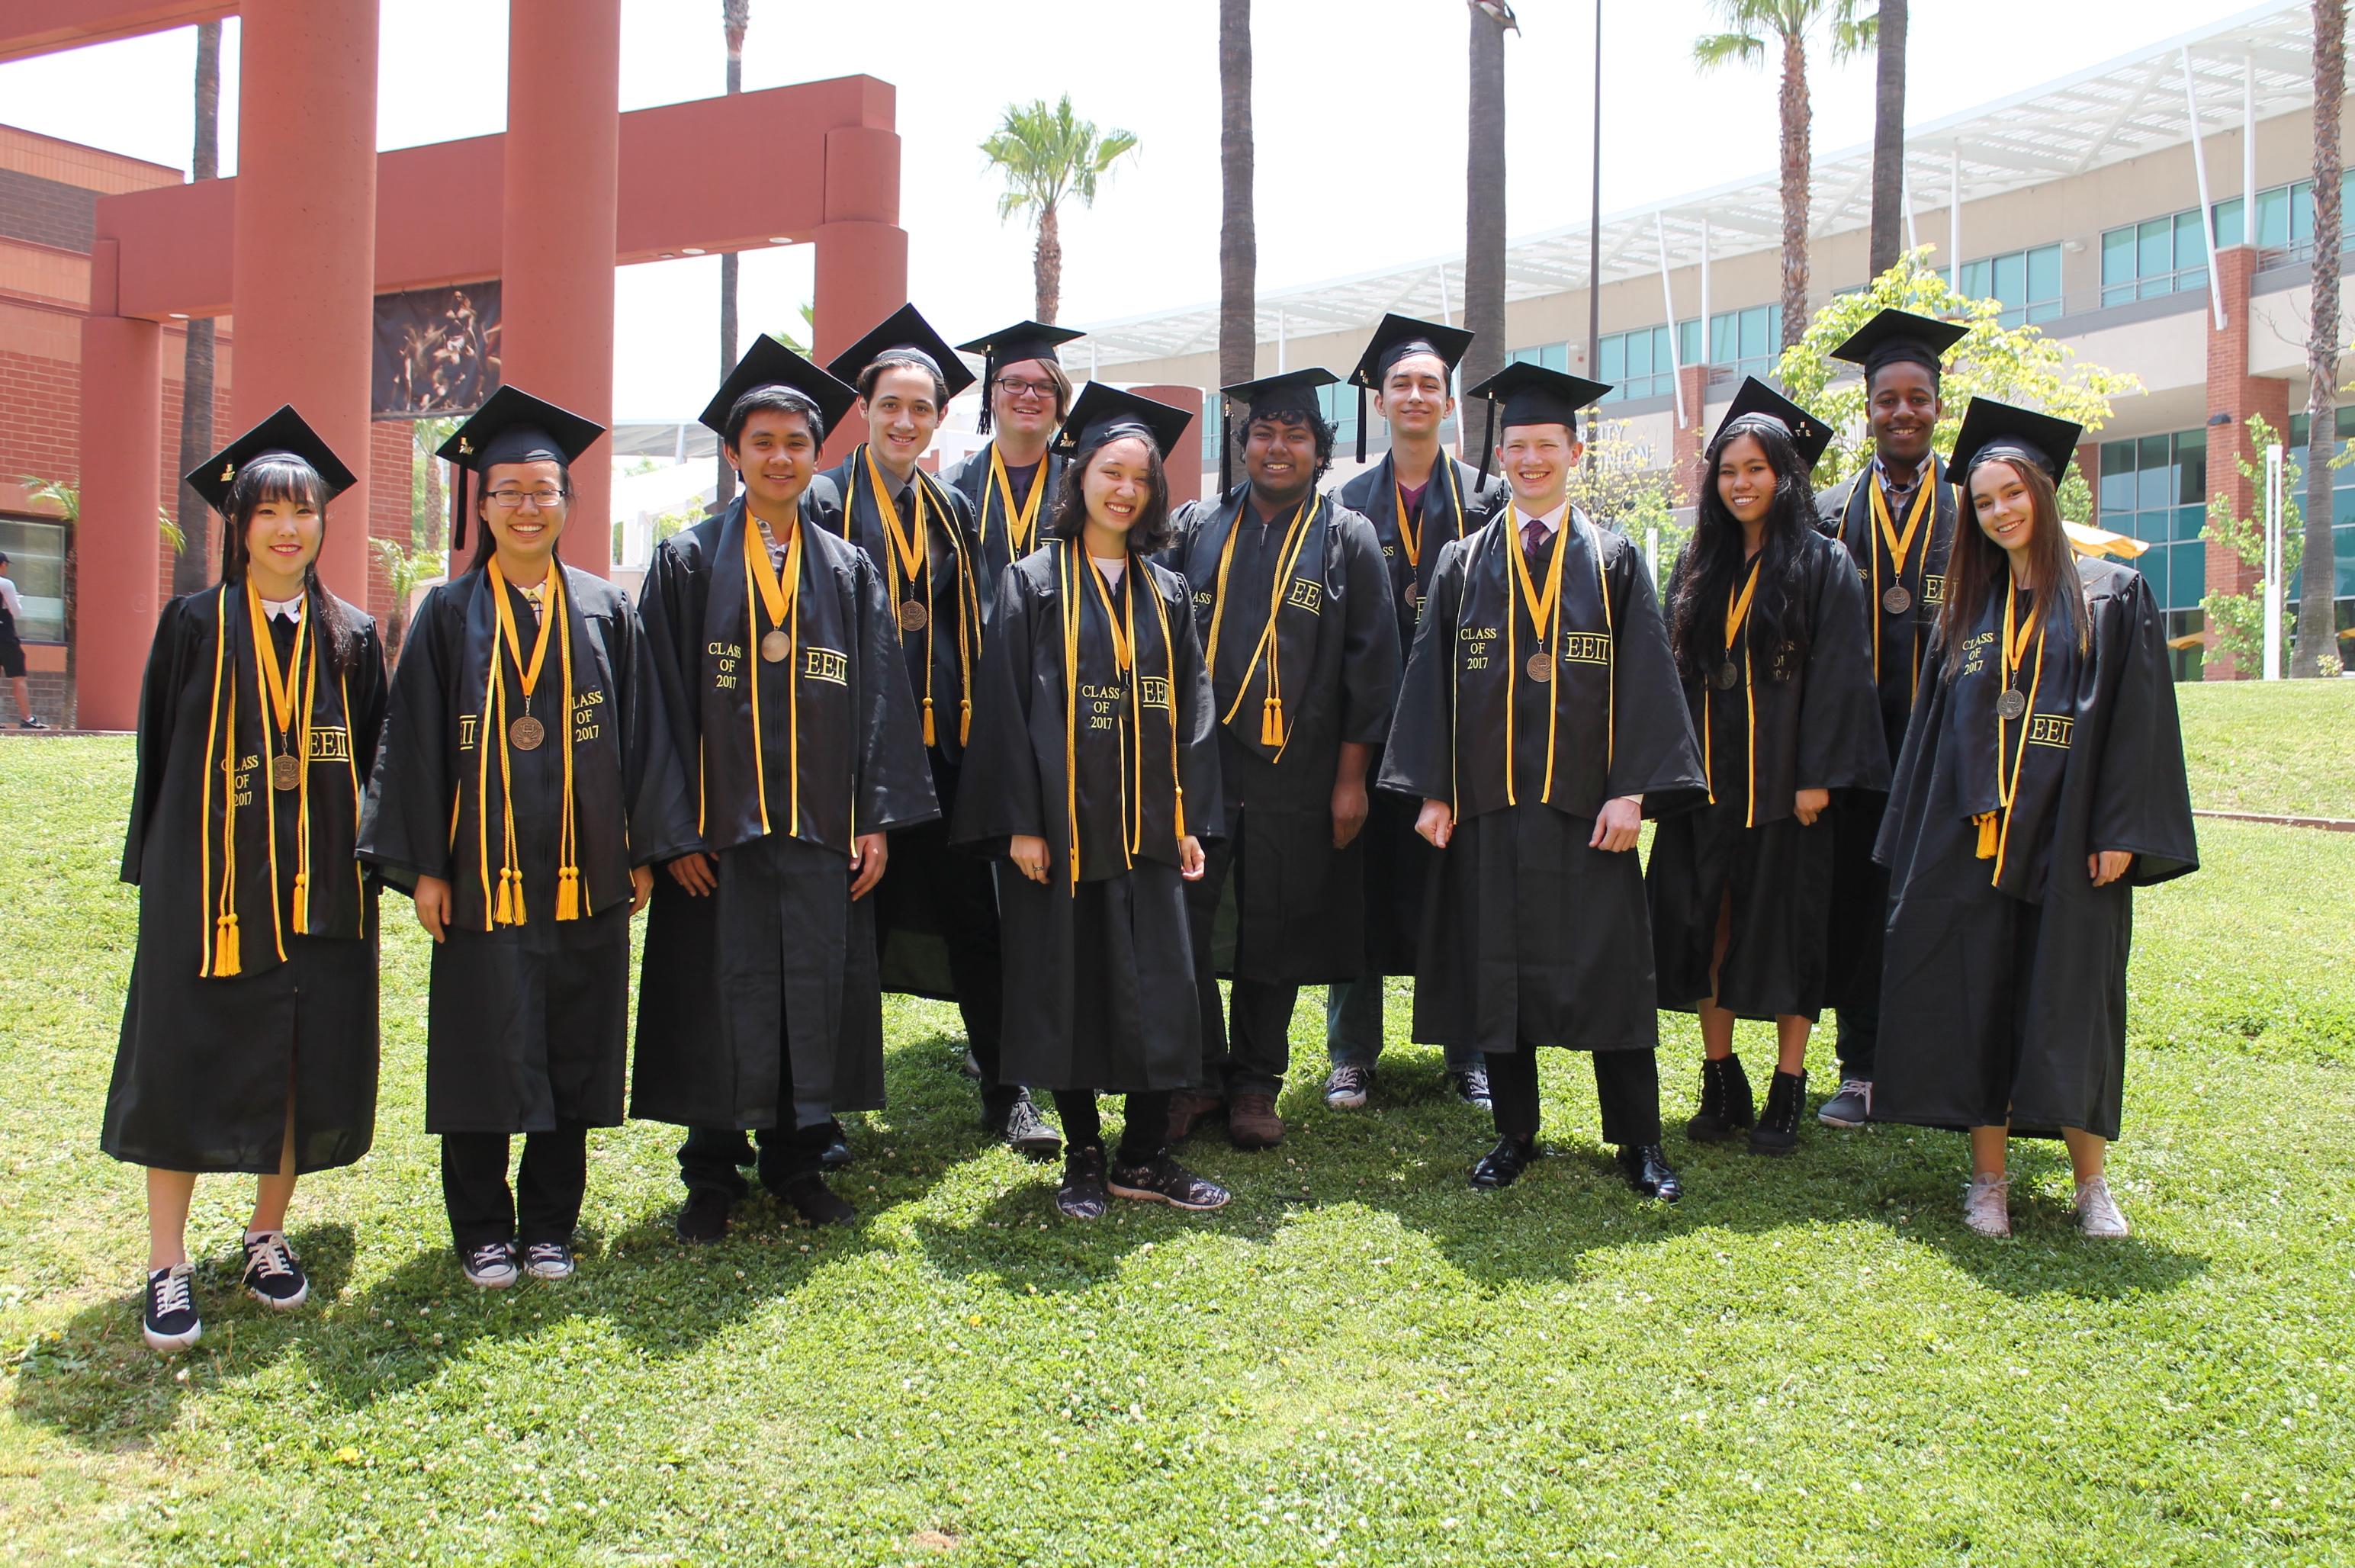 2017 Grads on grass